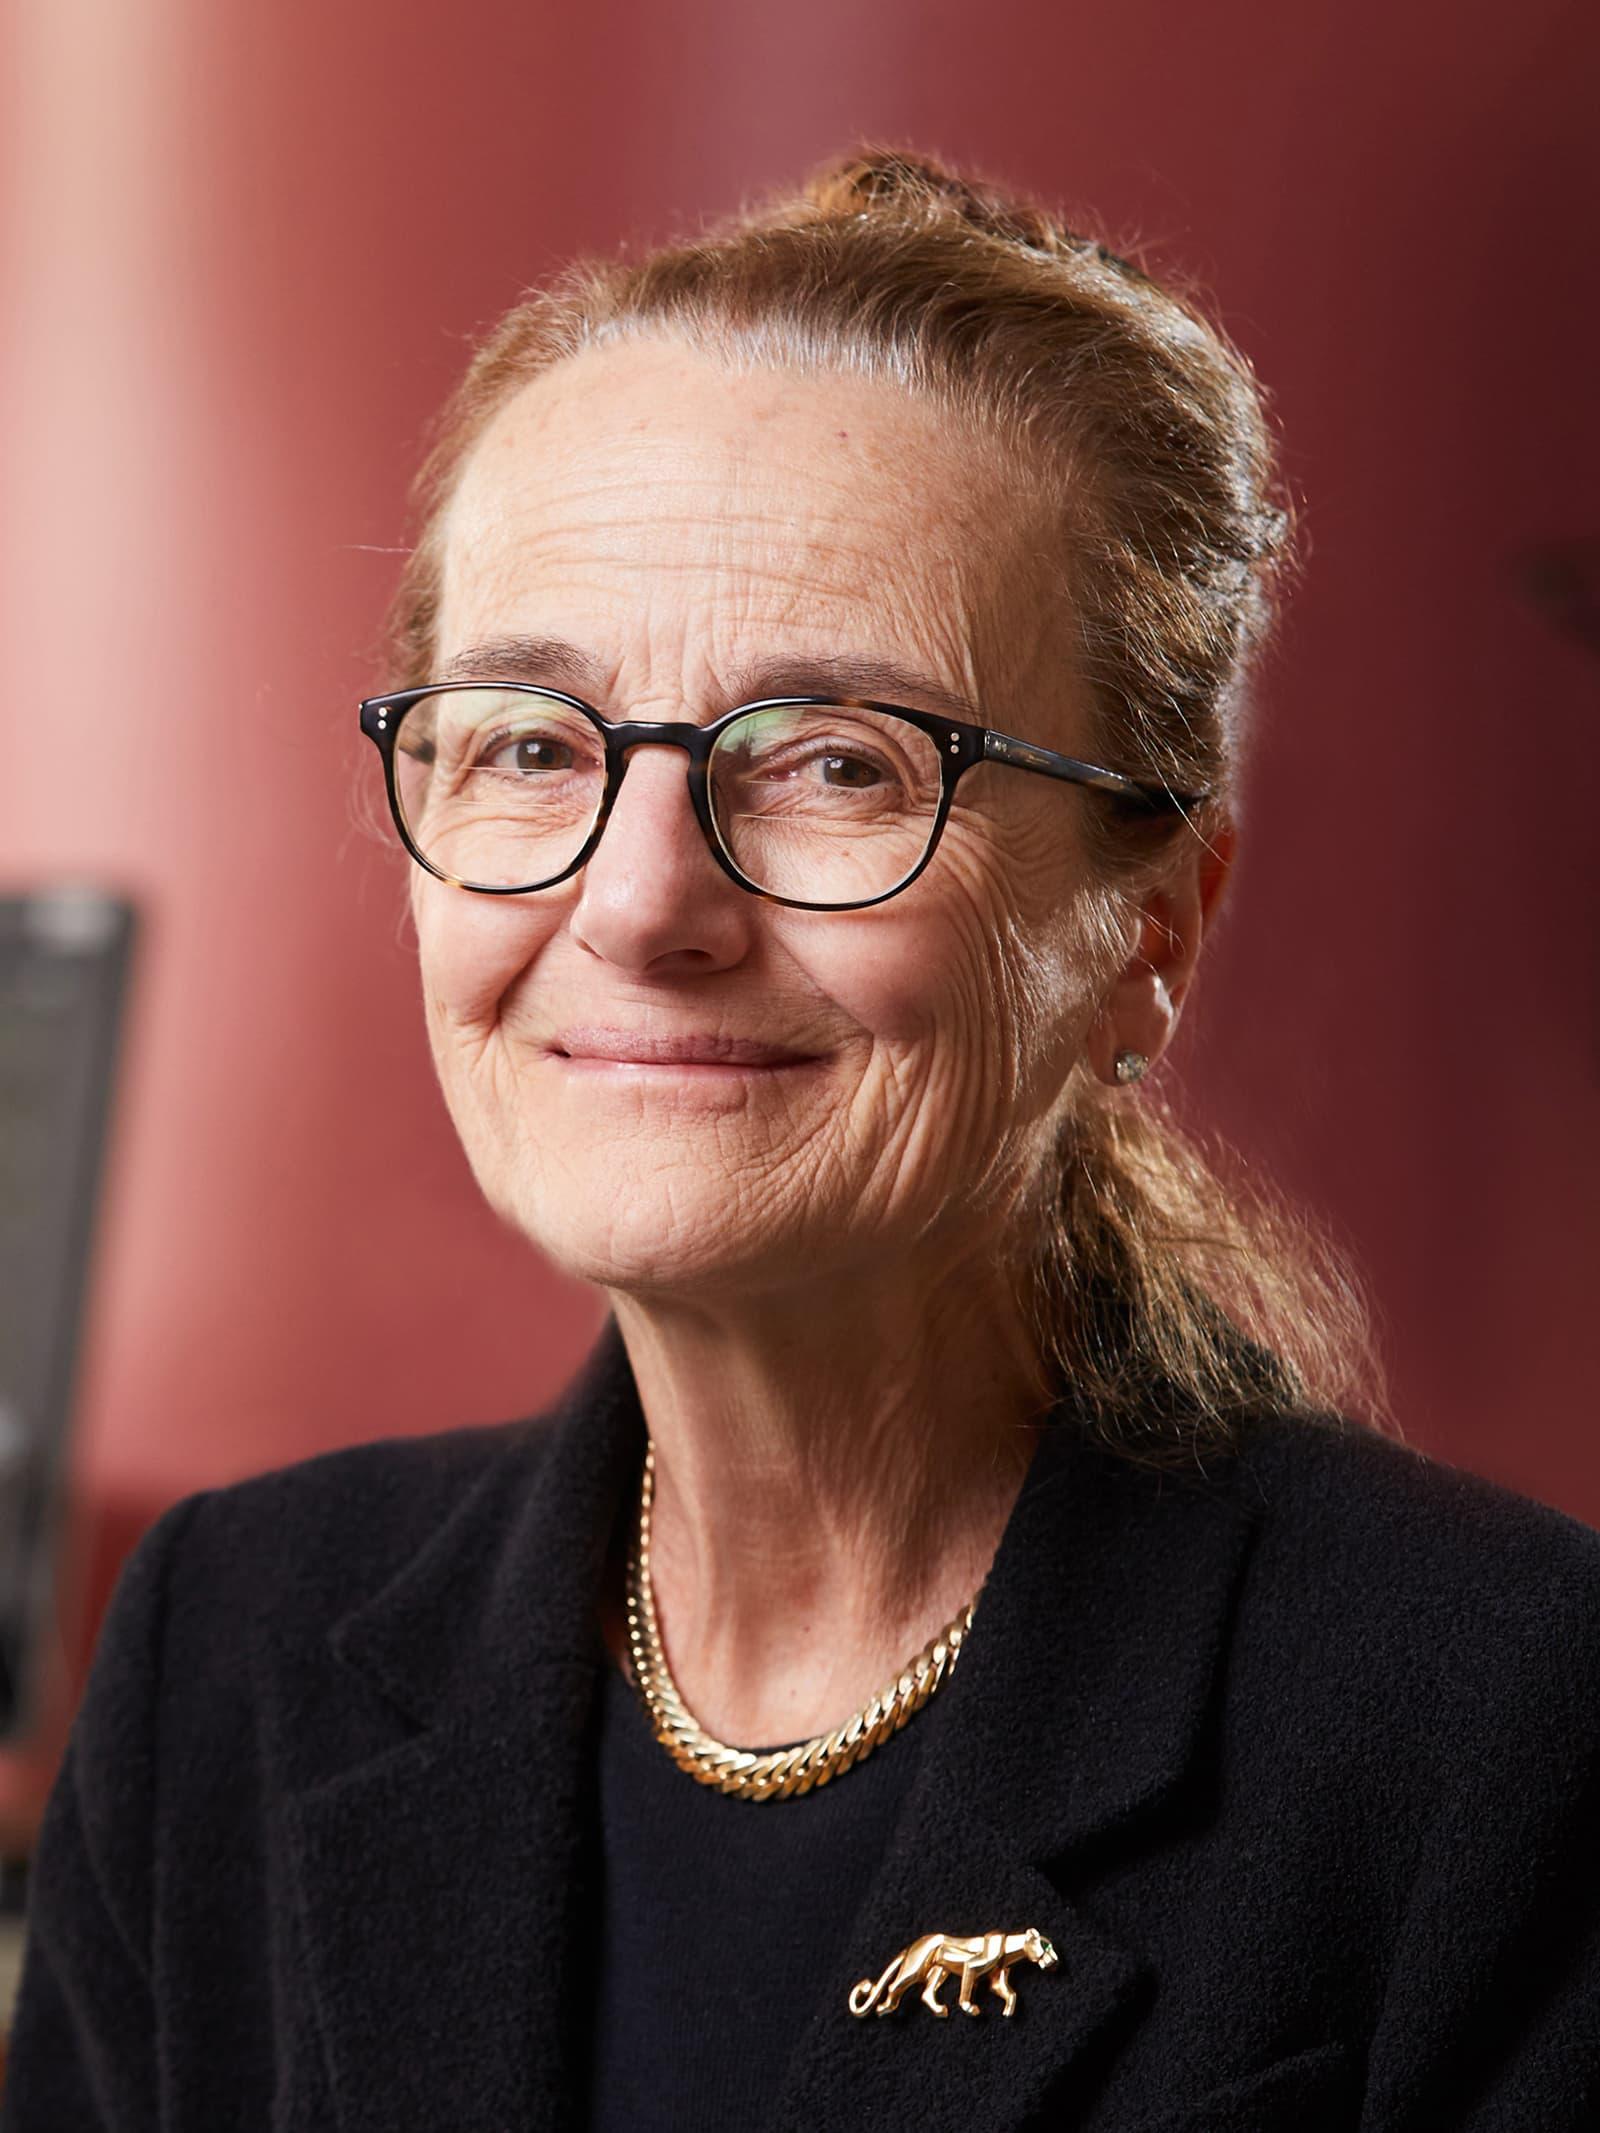 Laura Ment